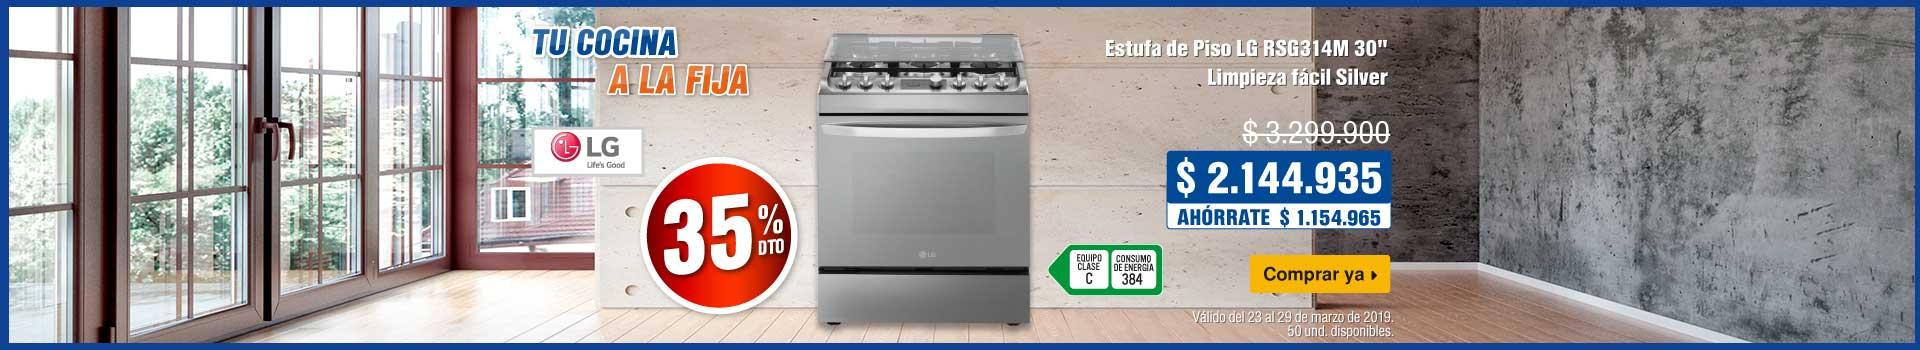 AK-KT-mayores-1-ELECT-BCAT-cocina-LG-230319-extra